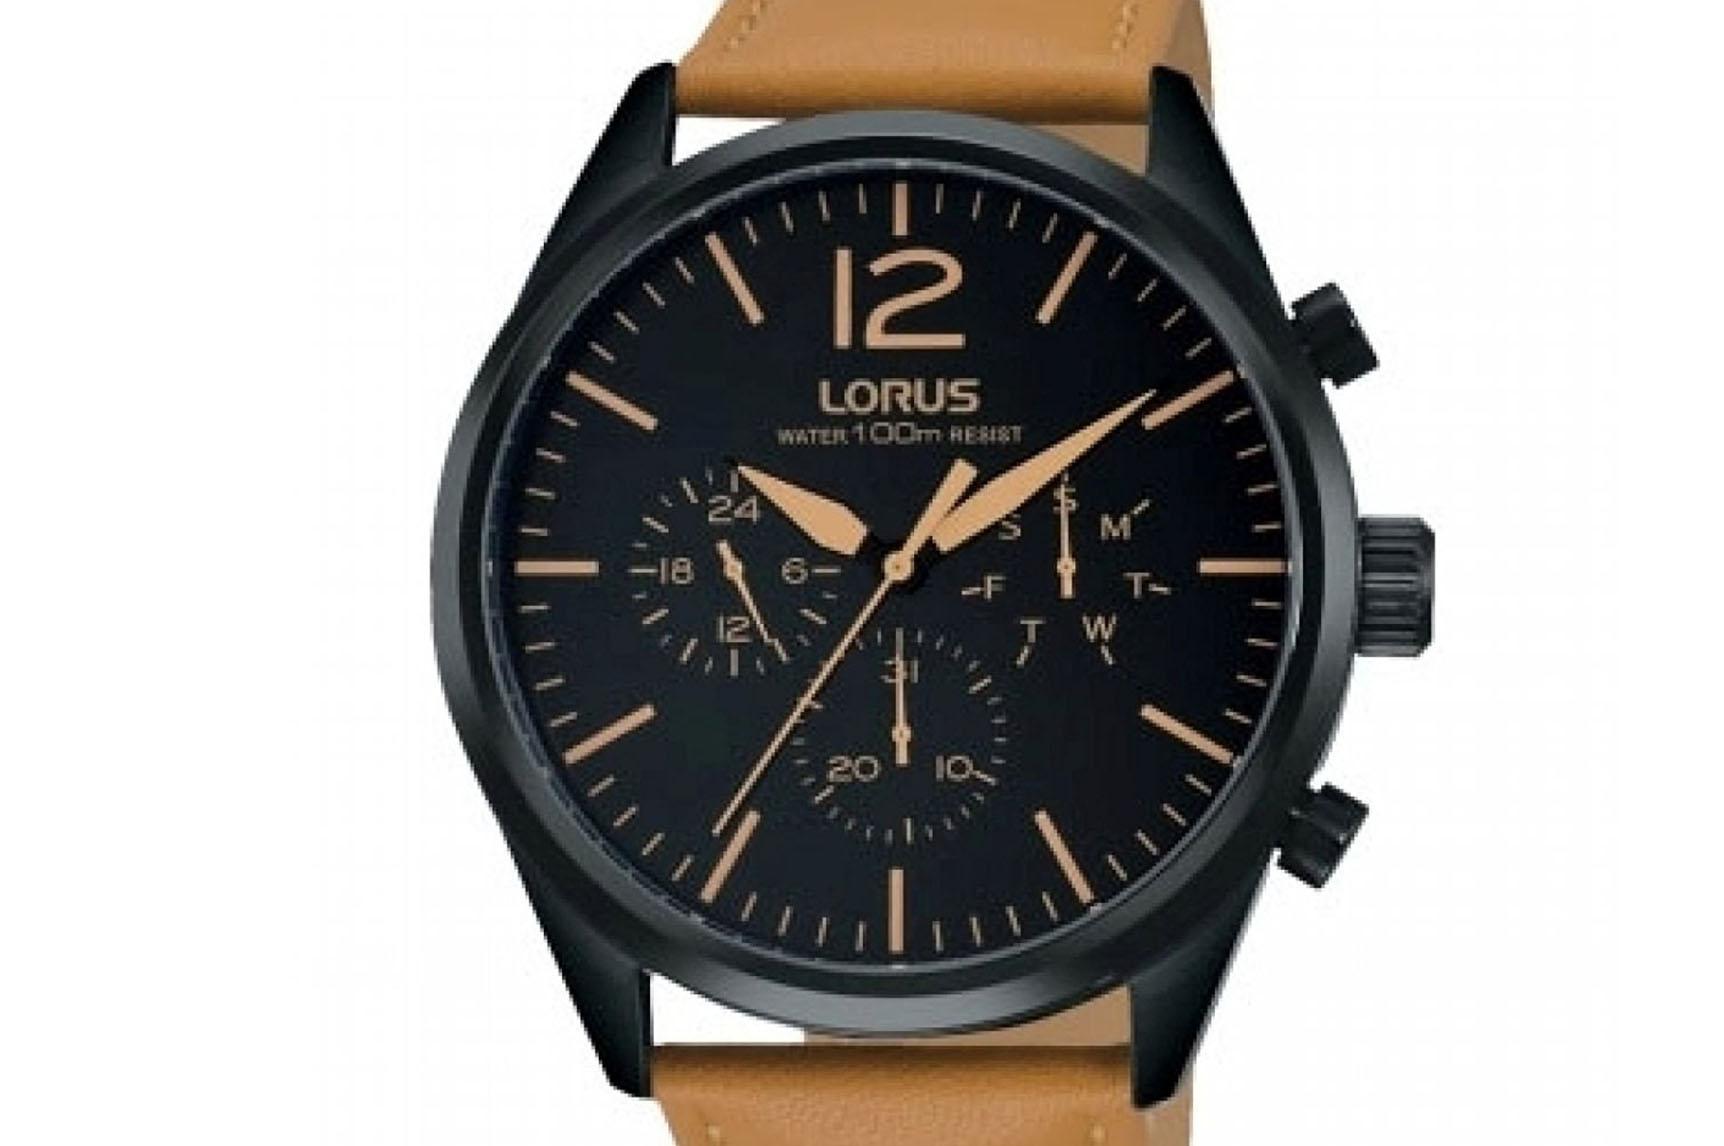 bbf93bb541d99f Zegarek męski Lorus RX411AX9 mutidatownik 100M - Zegarki, Zegarki damskie, zegarki  męskie, zegarki Casio, zegarki Timex